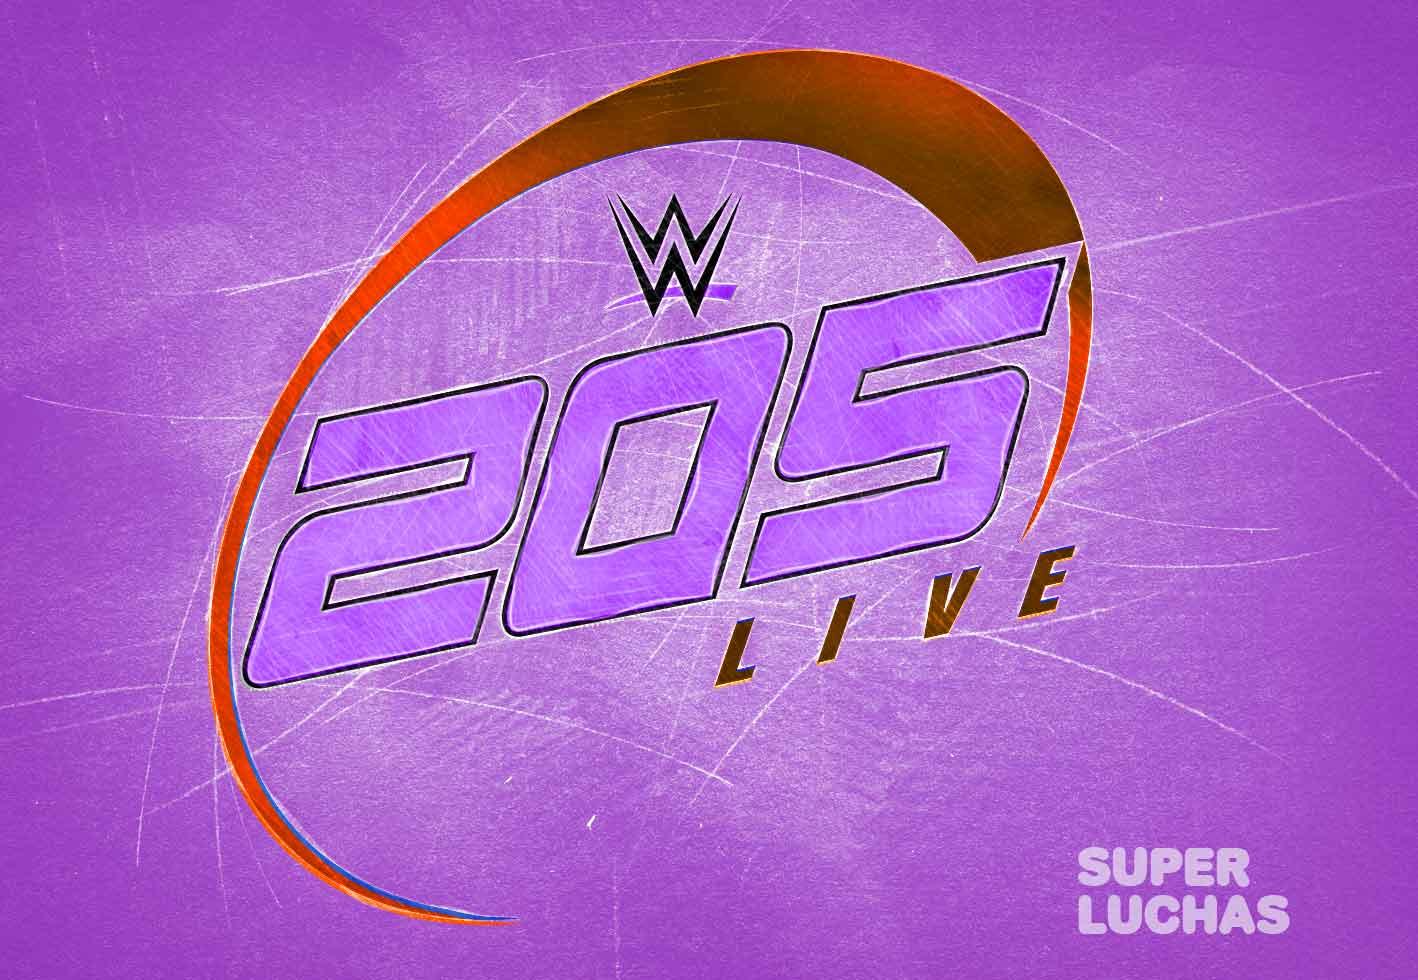 Logo de 205 Live